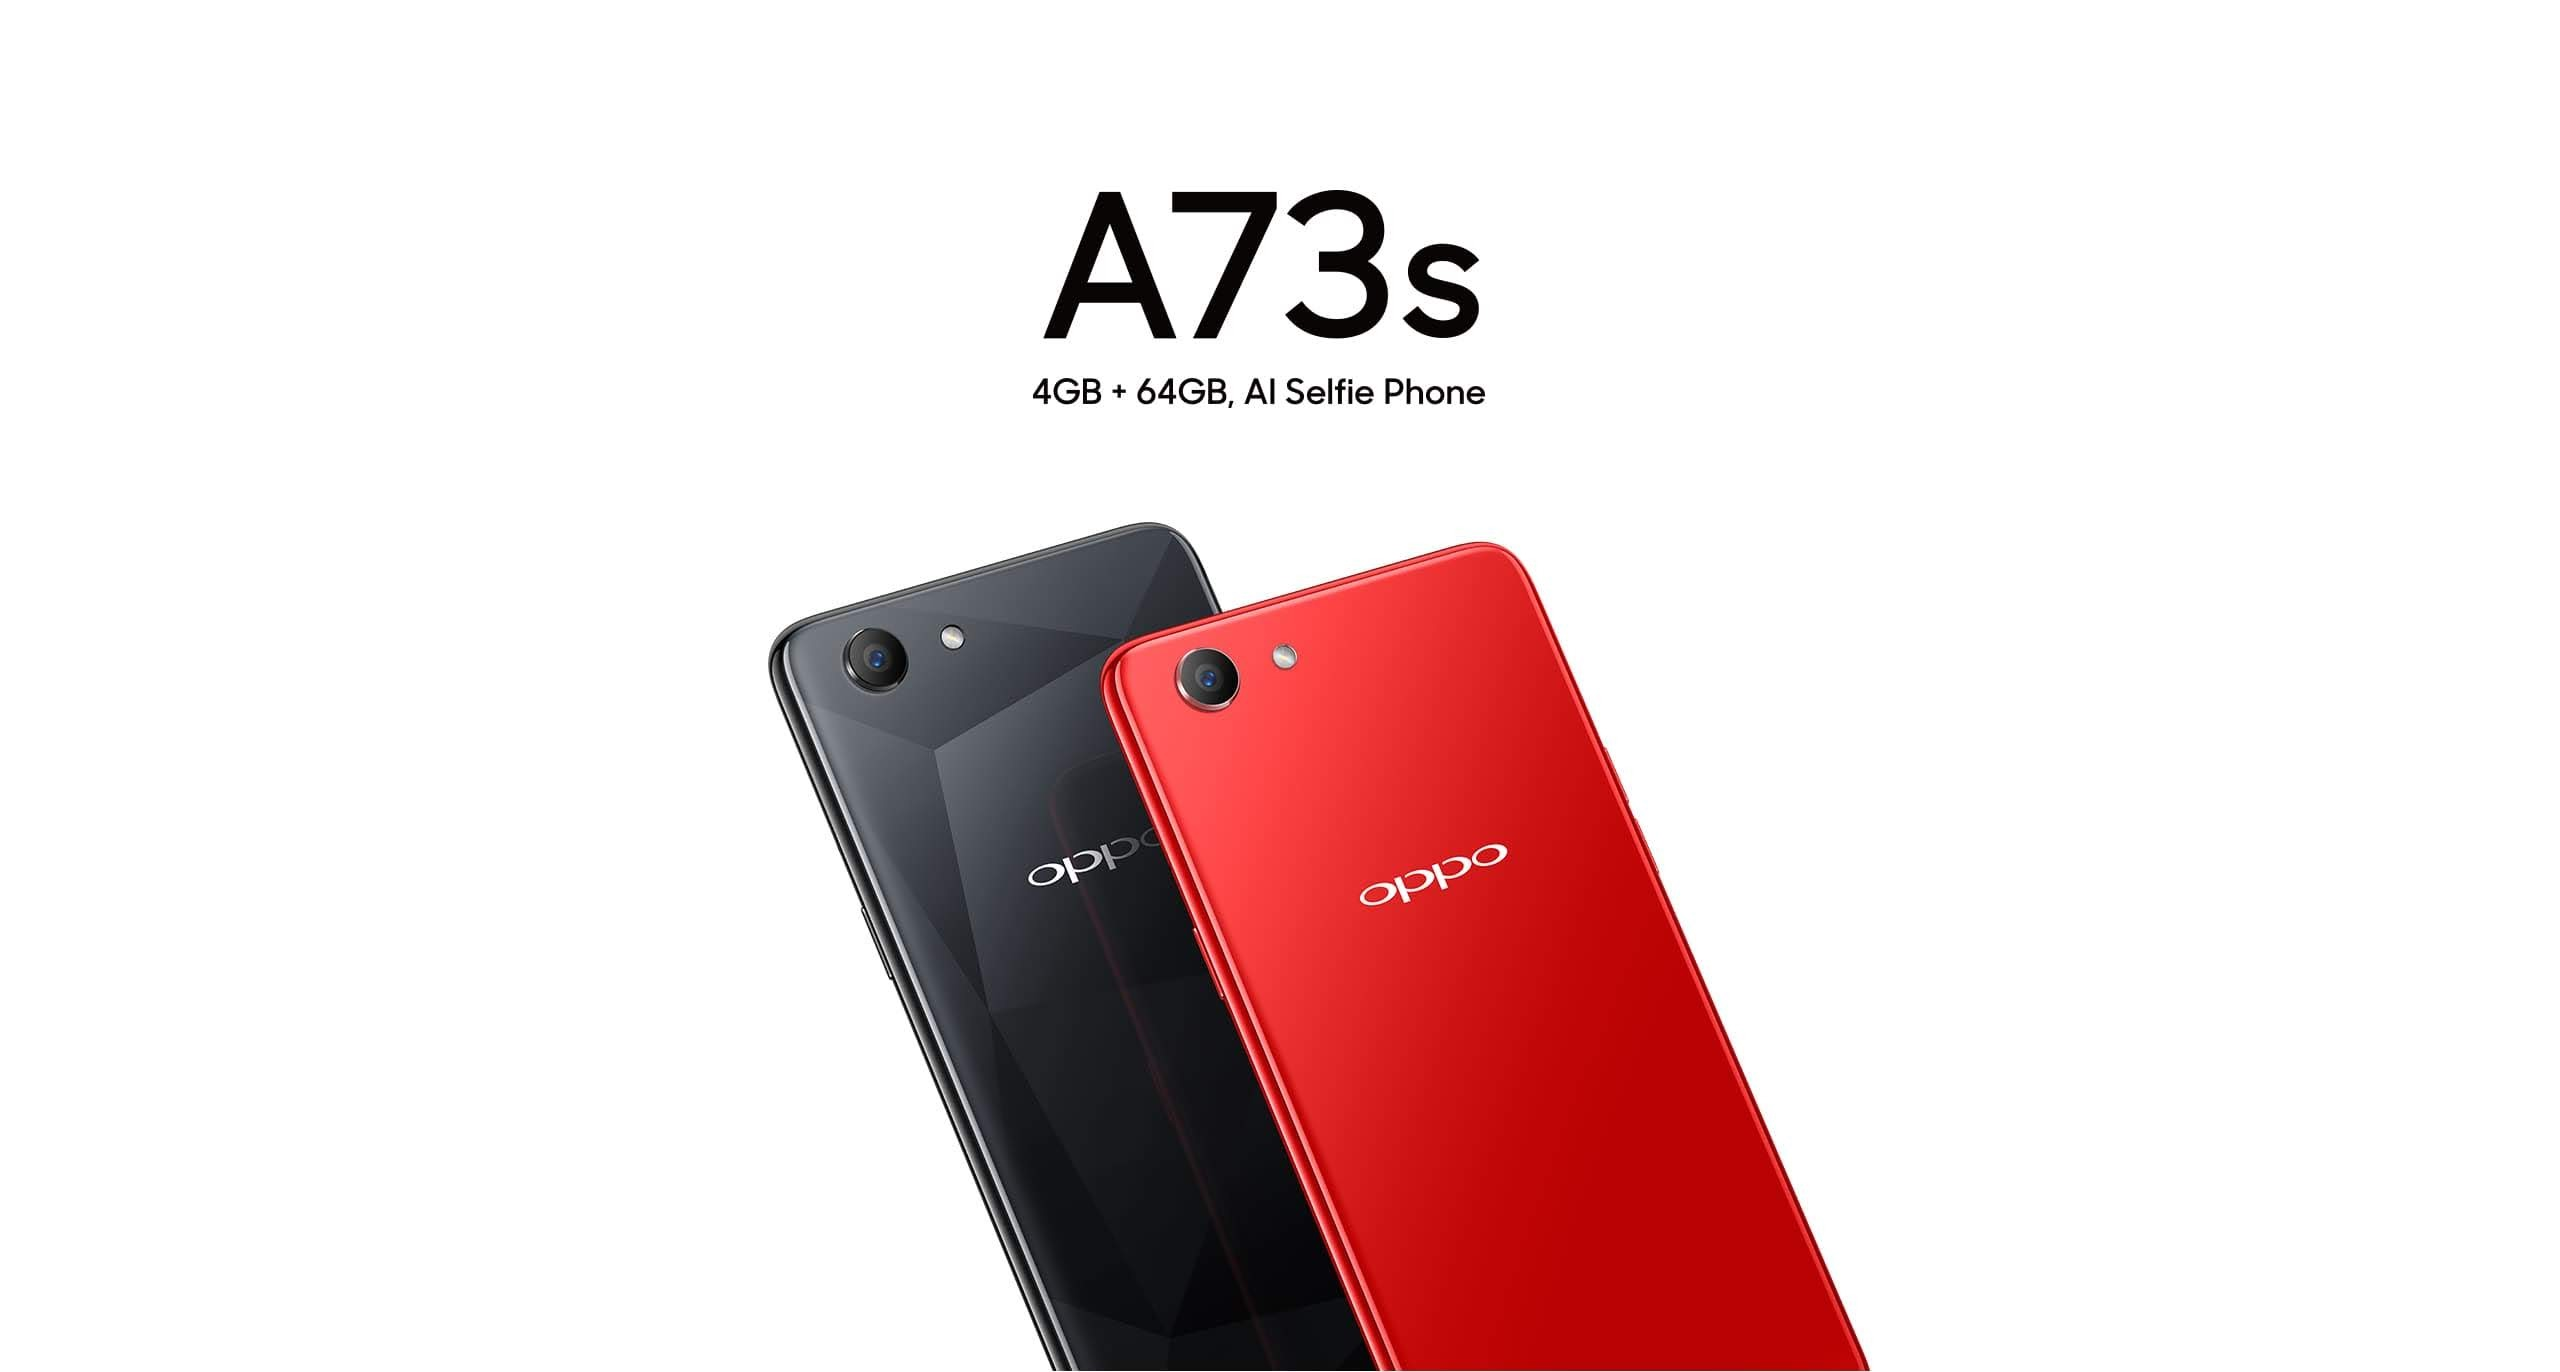 جوال OPPO A73s المميز بتصميم جذاب وسعر منخفض